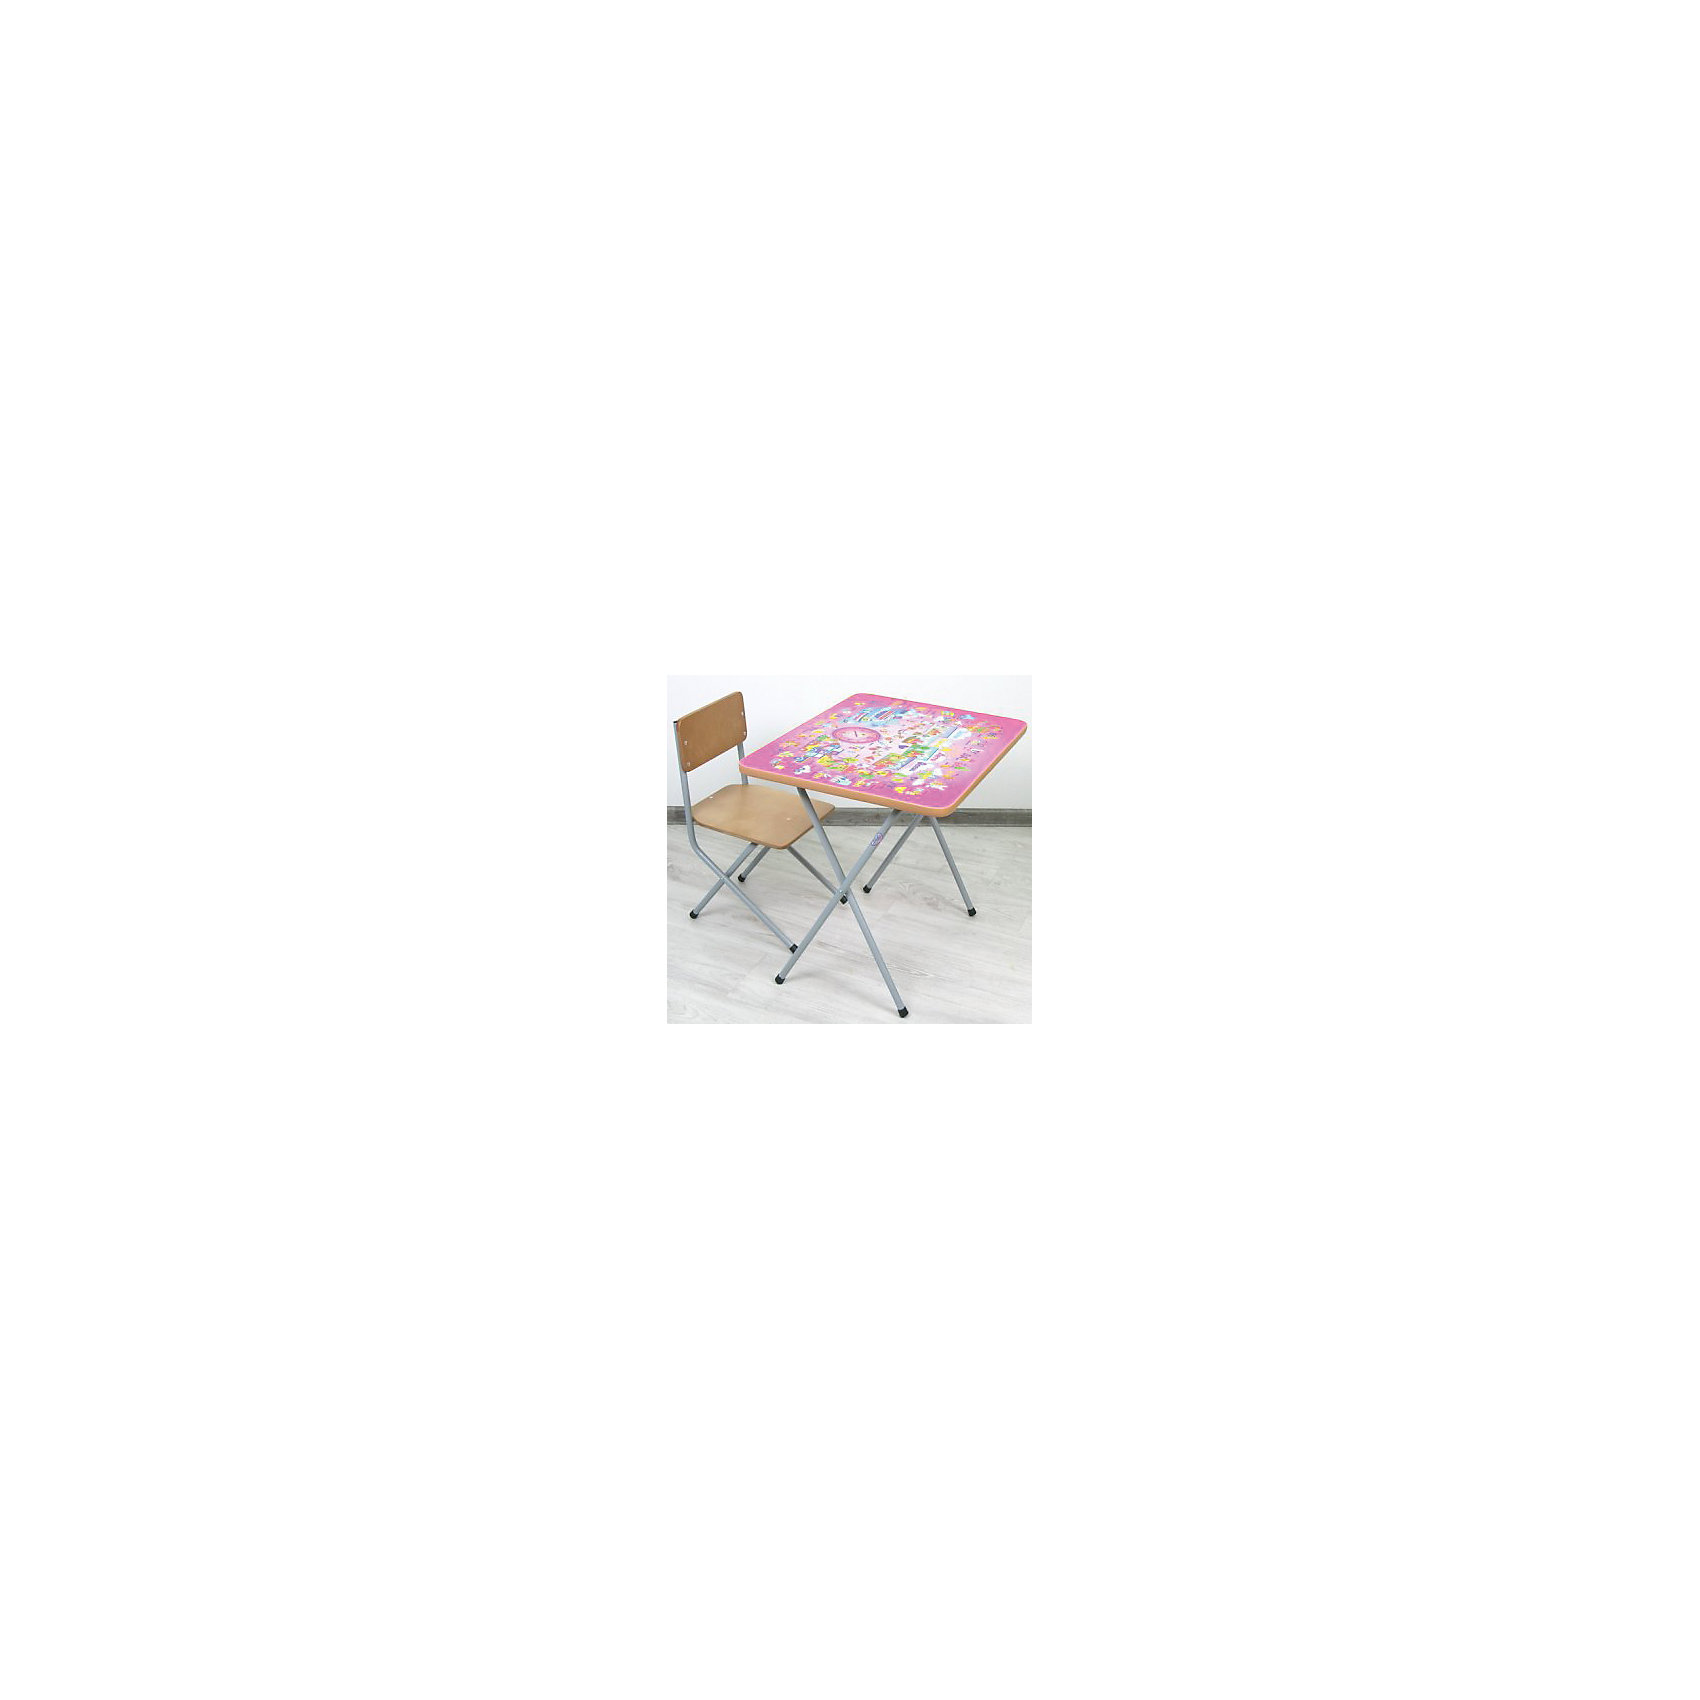 ФЕЯ Комплект детской мебели Алфавит, Фея,  розовый набор мебели для детской индиго 1